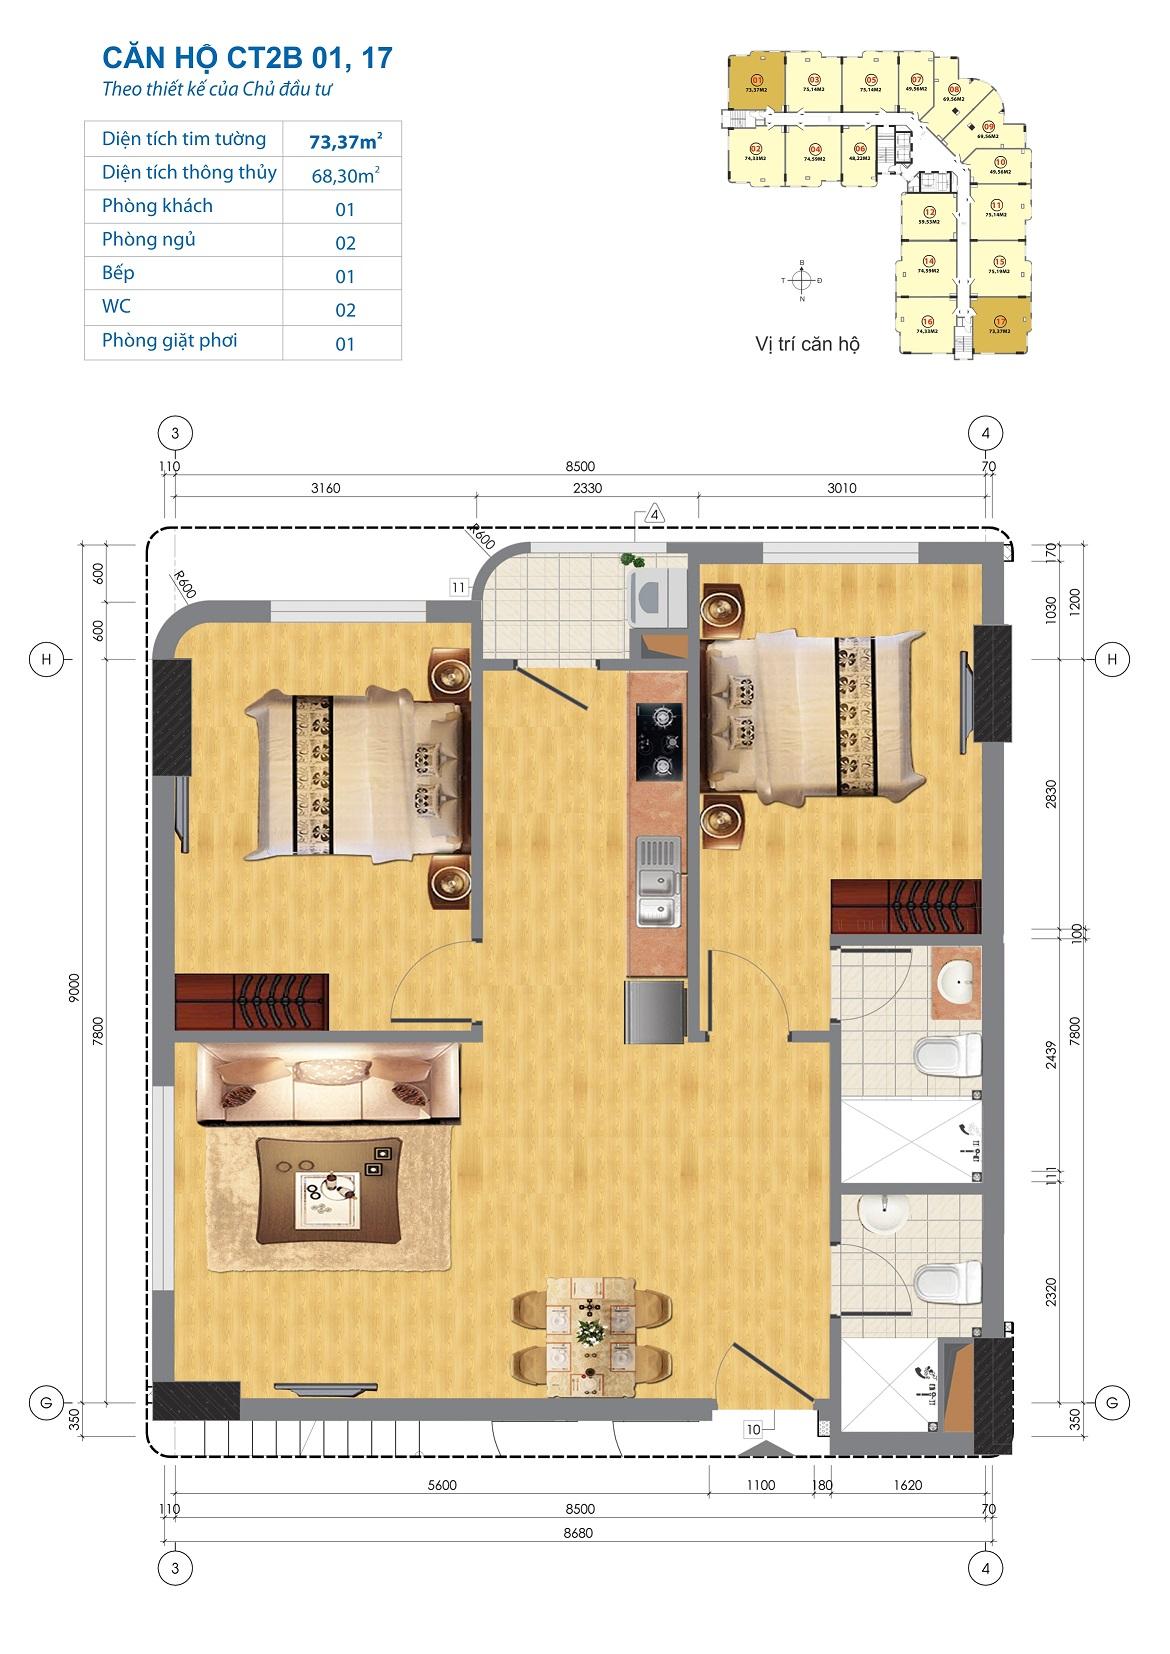 Thiết kế căn hộ CT2B 01, 17 Chung cư CT2B Ngĩa Đô